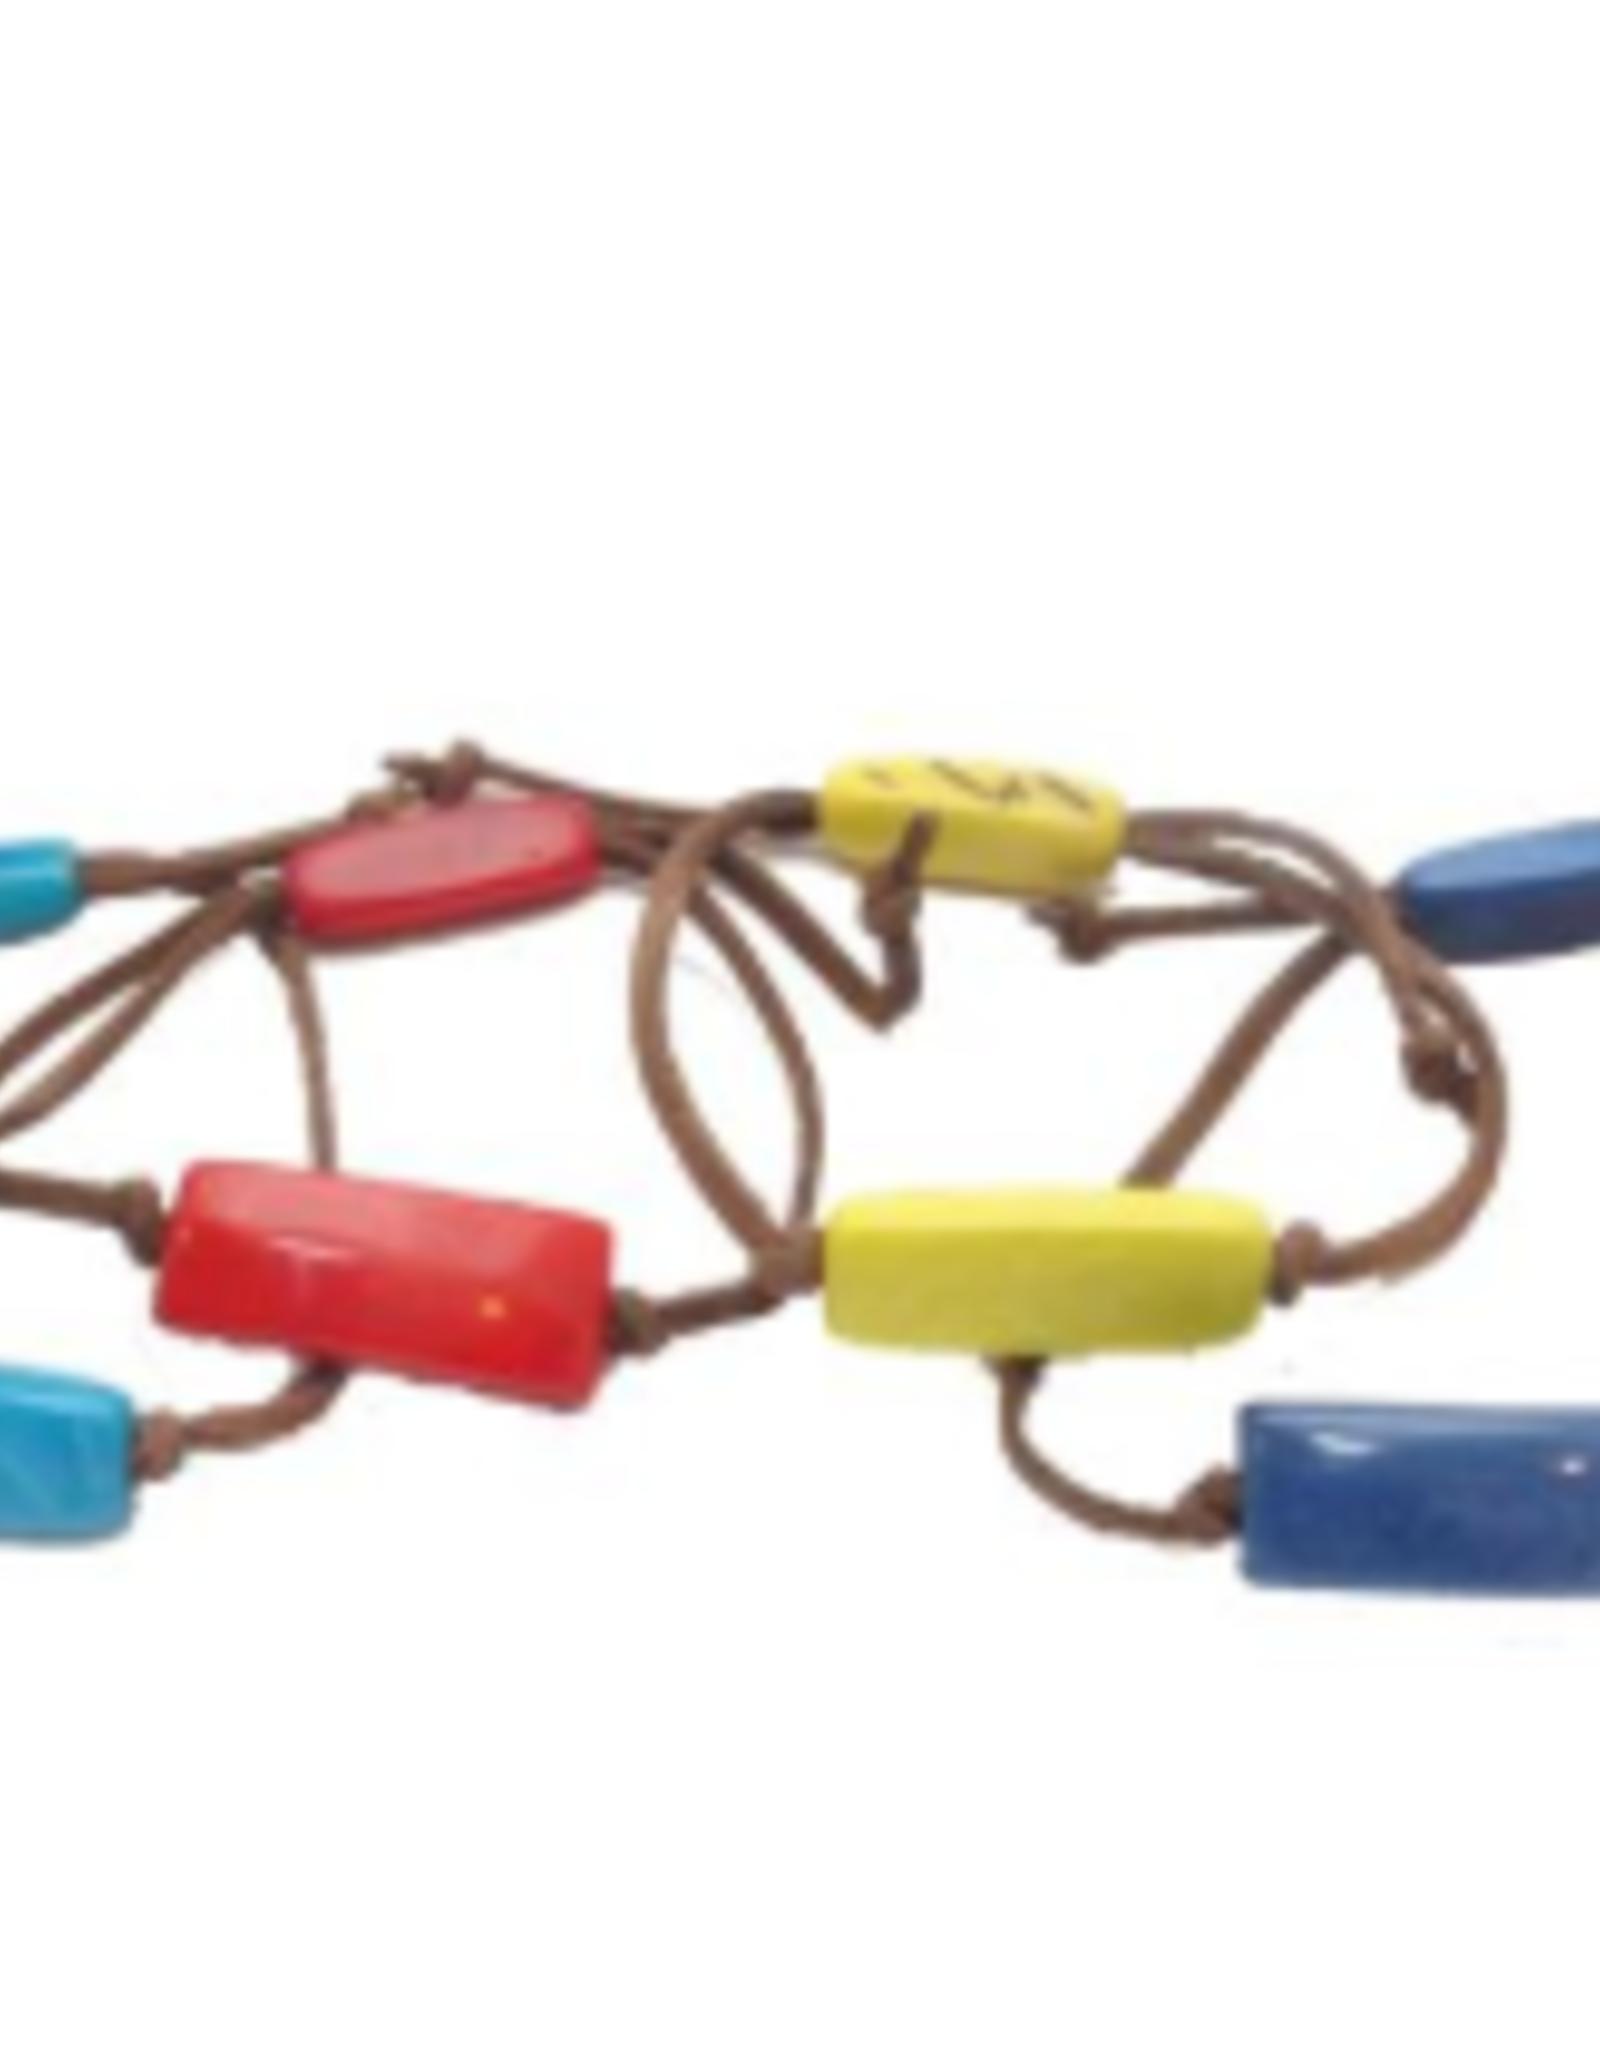 Ecuador, Tagua and Leather Bracelet